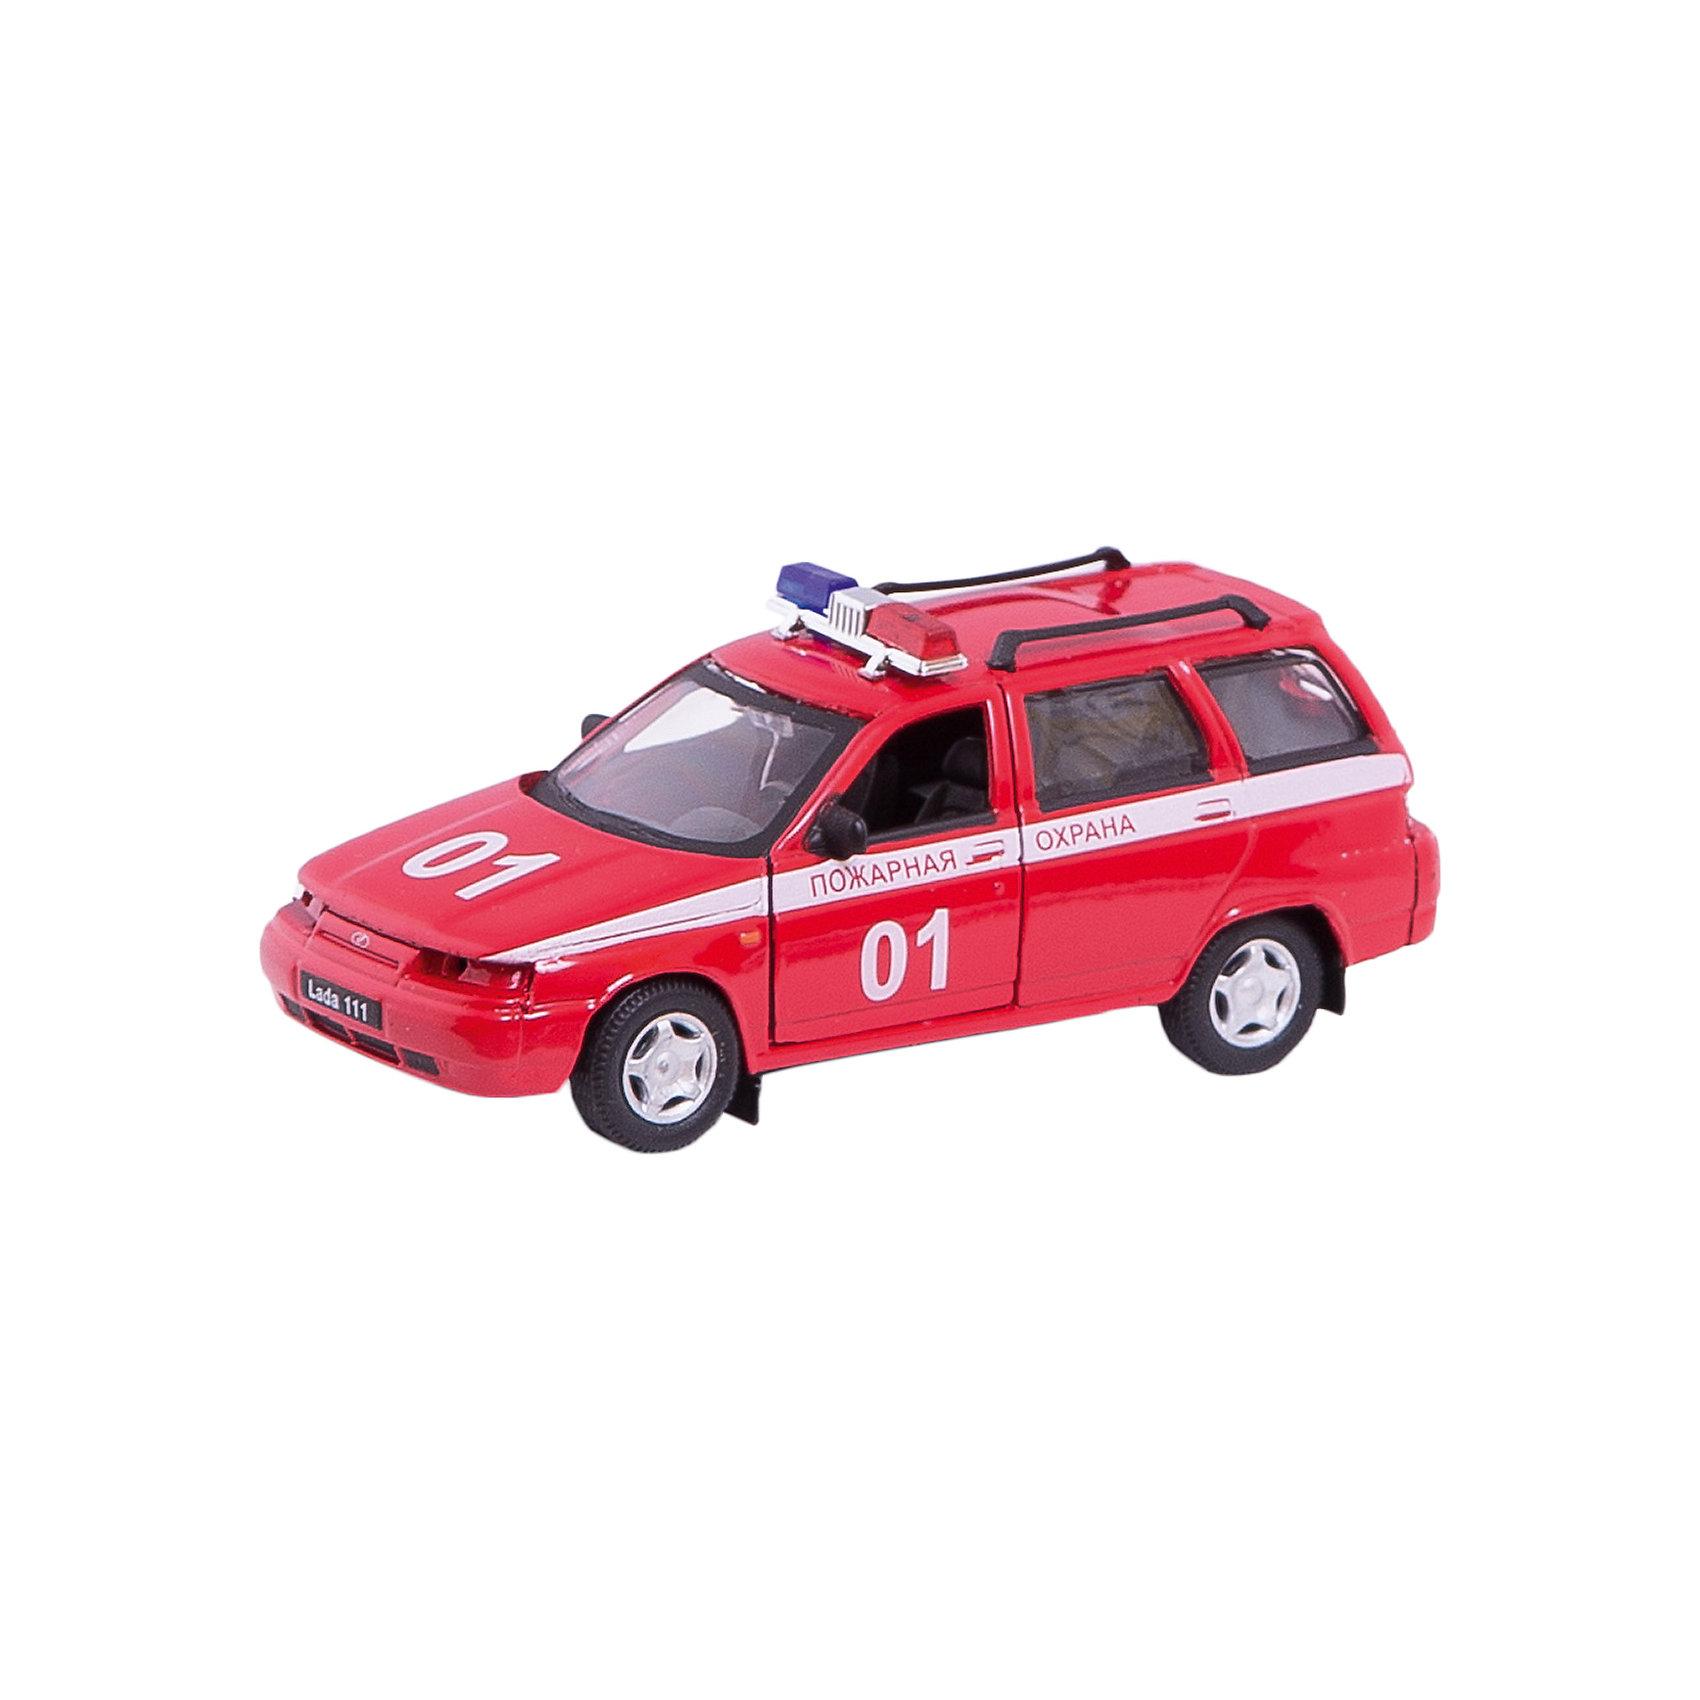 Машинка Lada 111 пожарная охрана 1:36, AutotimeМашинки<br>Характеристики товара:<br><br>• цвет: красный<br>• материал: металл, пластик<br>• размер: 16,5х7,х5,7 см<br>• вес: 100 г<br>• масштаб: 1:36<br>• прочный материал<br>• хорошая детализация<br>• открываются двери<br>• страна бренда: Россия<br>• страна производства: Китай<br><br>Коллекционная машинка LADA 111 пожарная охрана от бренда AUTOTIME станет отличным подарком для мальчика. Подробная детализация машинки порадует увлеченного коллекционера, а открывающиеся двери и свободно вращающиеся колеса придутся по душе юному владельцу игрушечного гаража. Эта игрушка подарит восторг и радость вашему ребенку. <br><br>Игрушка также воздействует на наглядно-образное мышление, логическое мышление, развивает мелкую моторику. Изделие выполнено из сертифицированных материалов, безопасных для детей.<br><br>Машинку «Lada 111» пожарная охрана от бренда AUTOTIME можно купить в нашем интернет-магазине.<br><br>Ширина мм: 165<br>Глубина мм: 57<br>Высота мм: 75<br>Вес г: 13<br>Возраст от месяцев: 36<br>Возраст до месяцев: 2147483647<br>Пол: Мужской<br>Возраст: Детский<br>SKU: 5583918